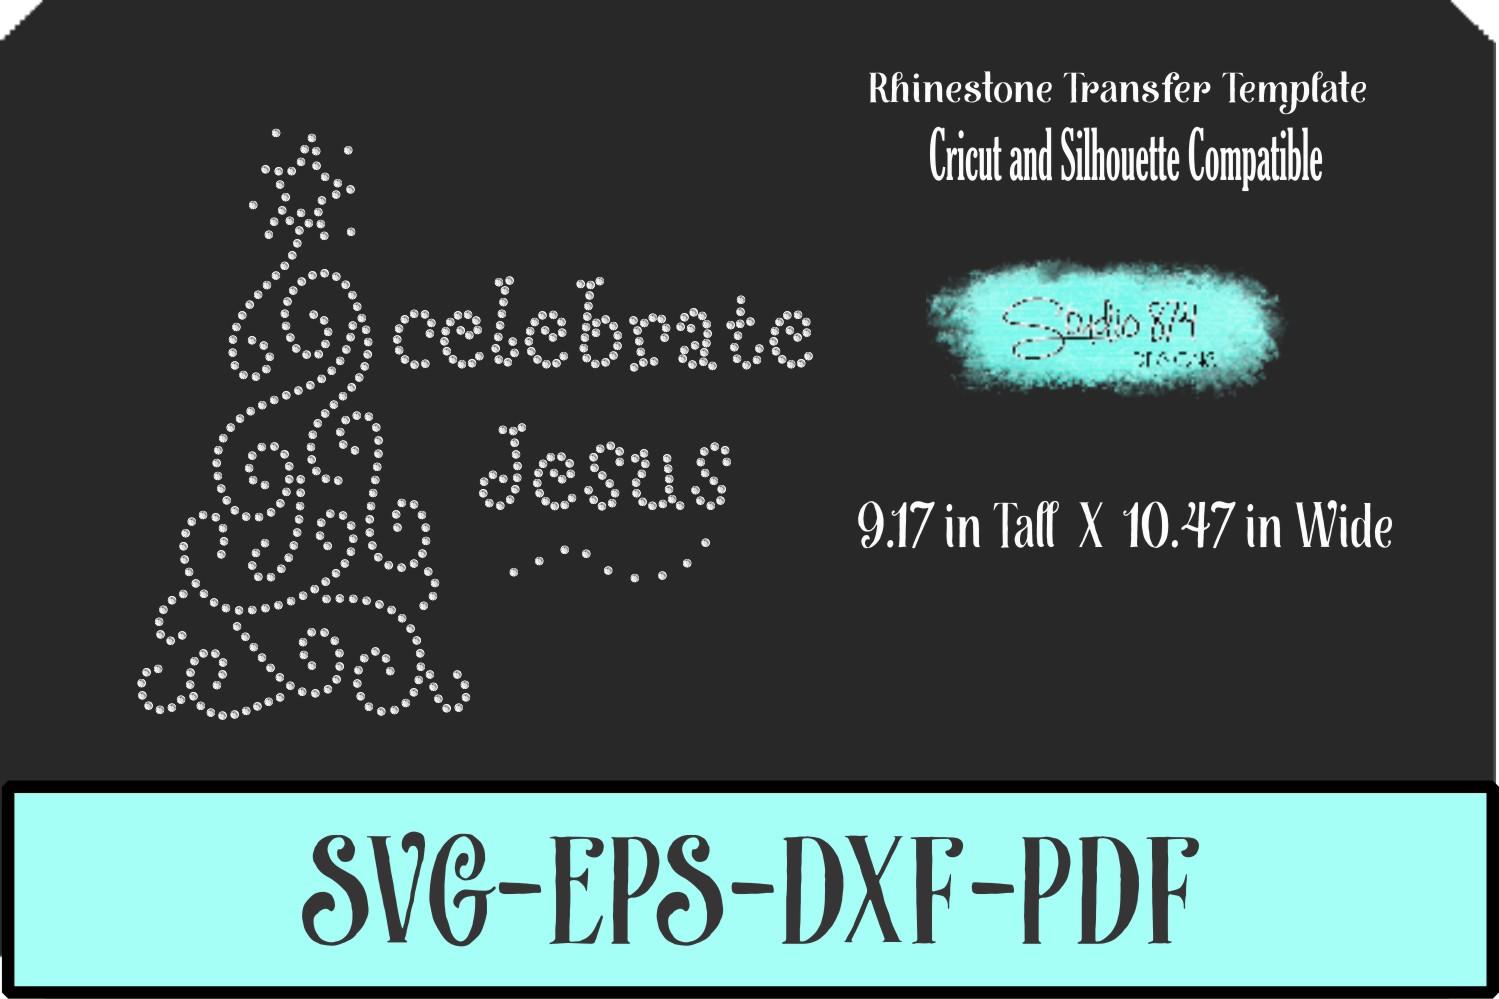 Christmas Rhinestone SVG Template - Celebrate Jesus example image 1